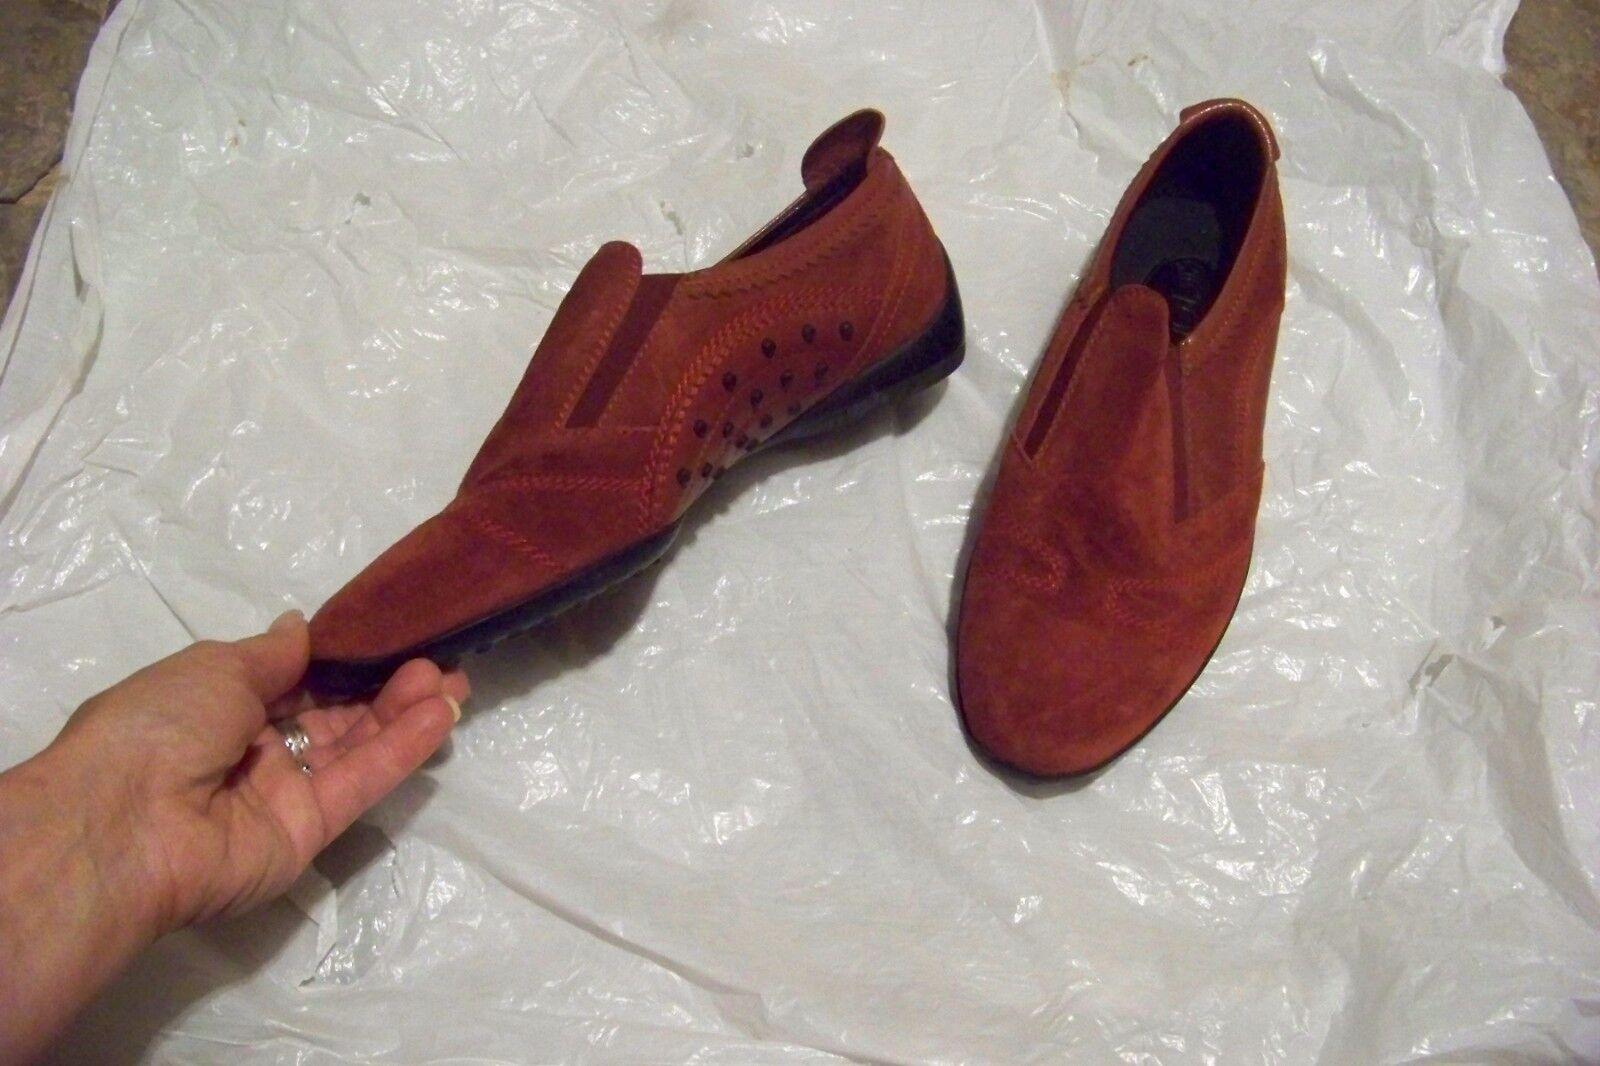 prezzi bassi di tutti i giorni donna tods dark rosso suede leather slip on flats scarpe scarpe scarpe Dimensione 9 1 2  negozio online